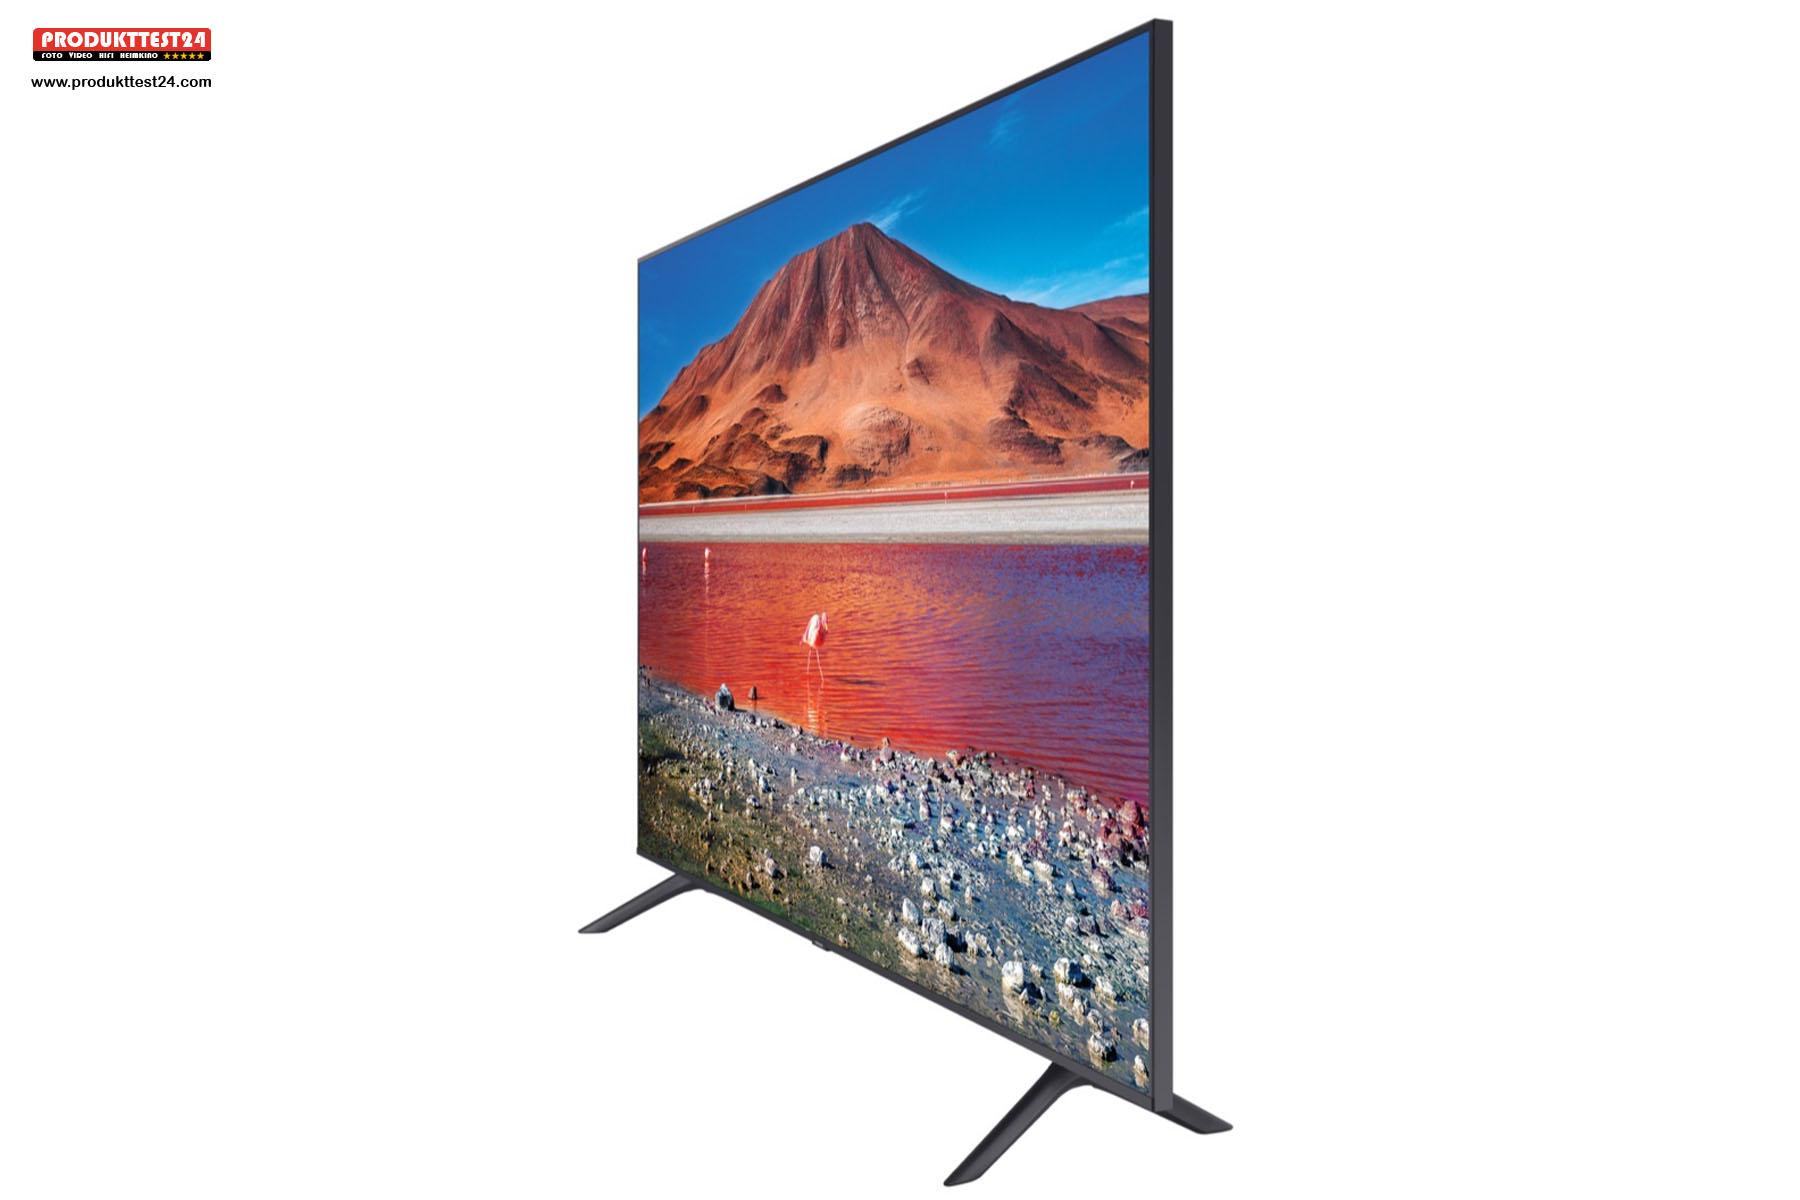 Samsung GU50TU7199 UHD 4K-Fernseher